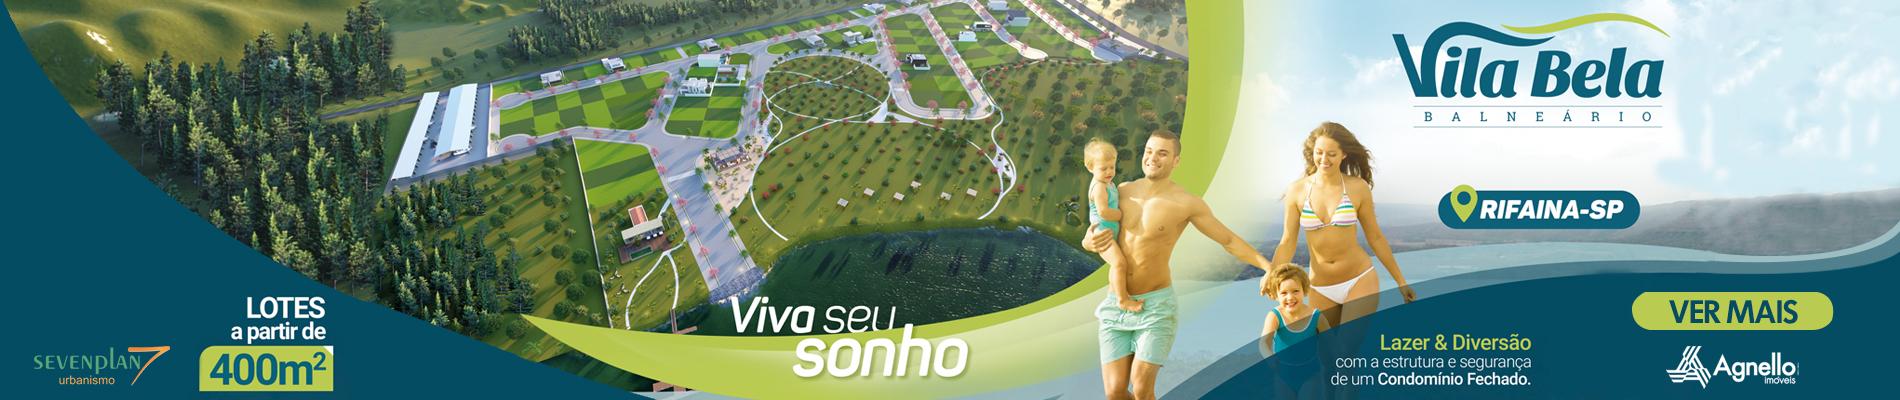 Balneário Vila Bela Rifaina SP - Agnello Imóveis